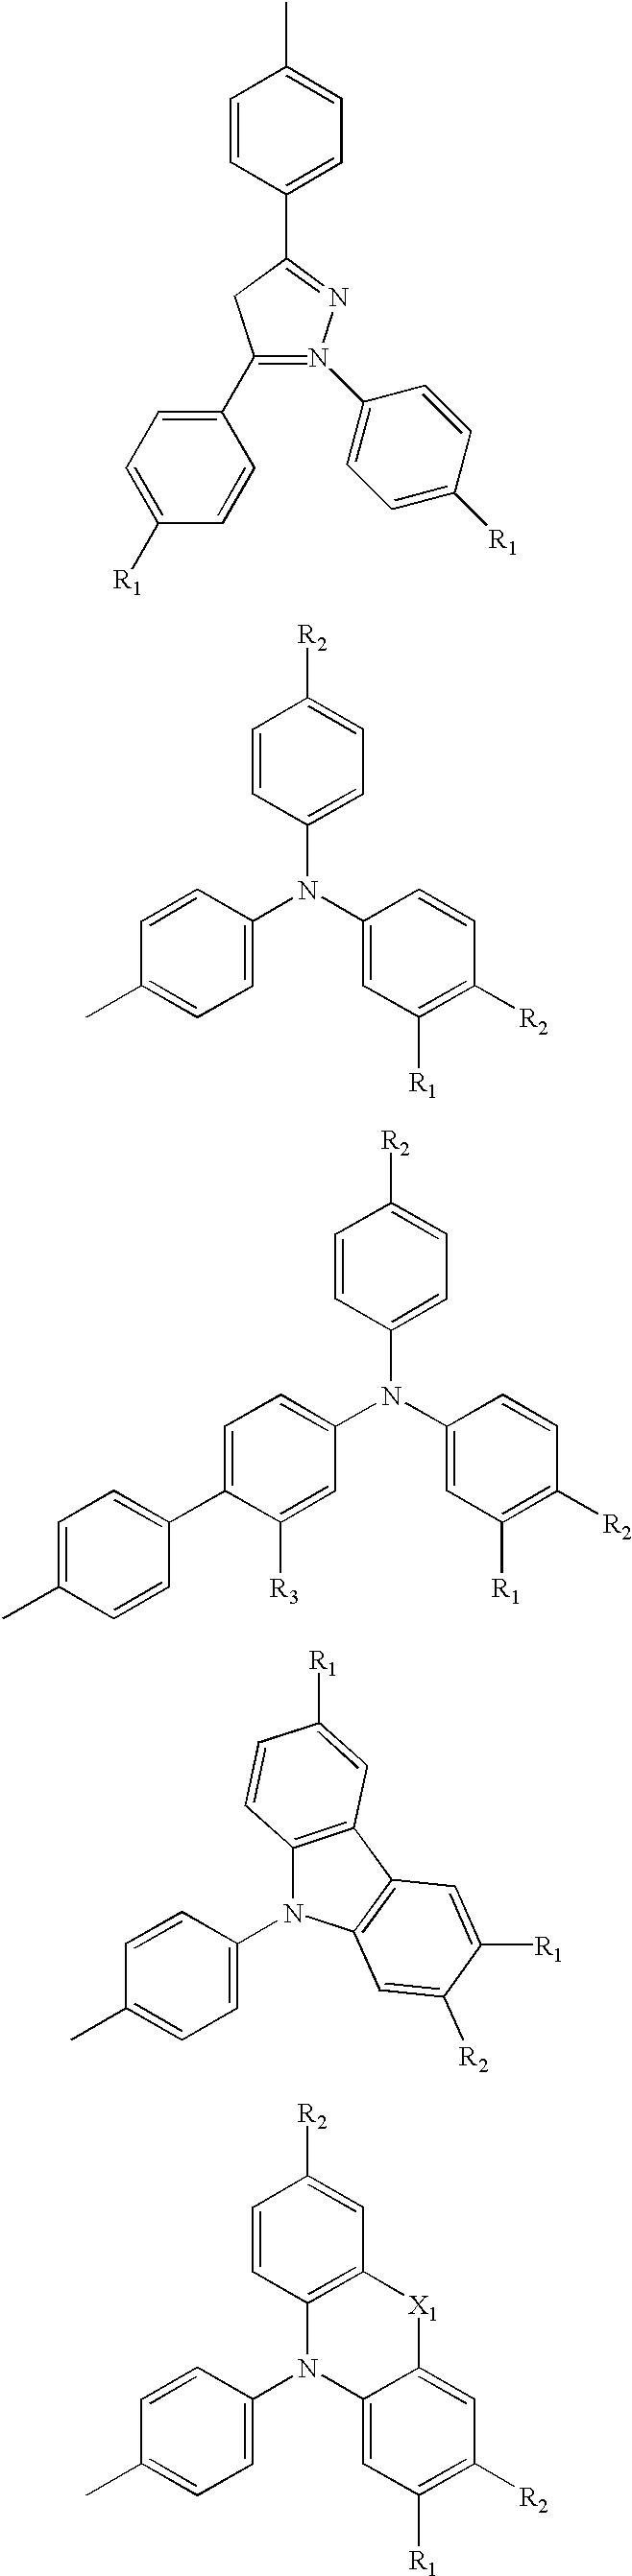 Figure US20030064248A1-20030403-C00010